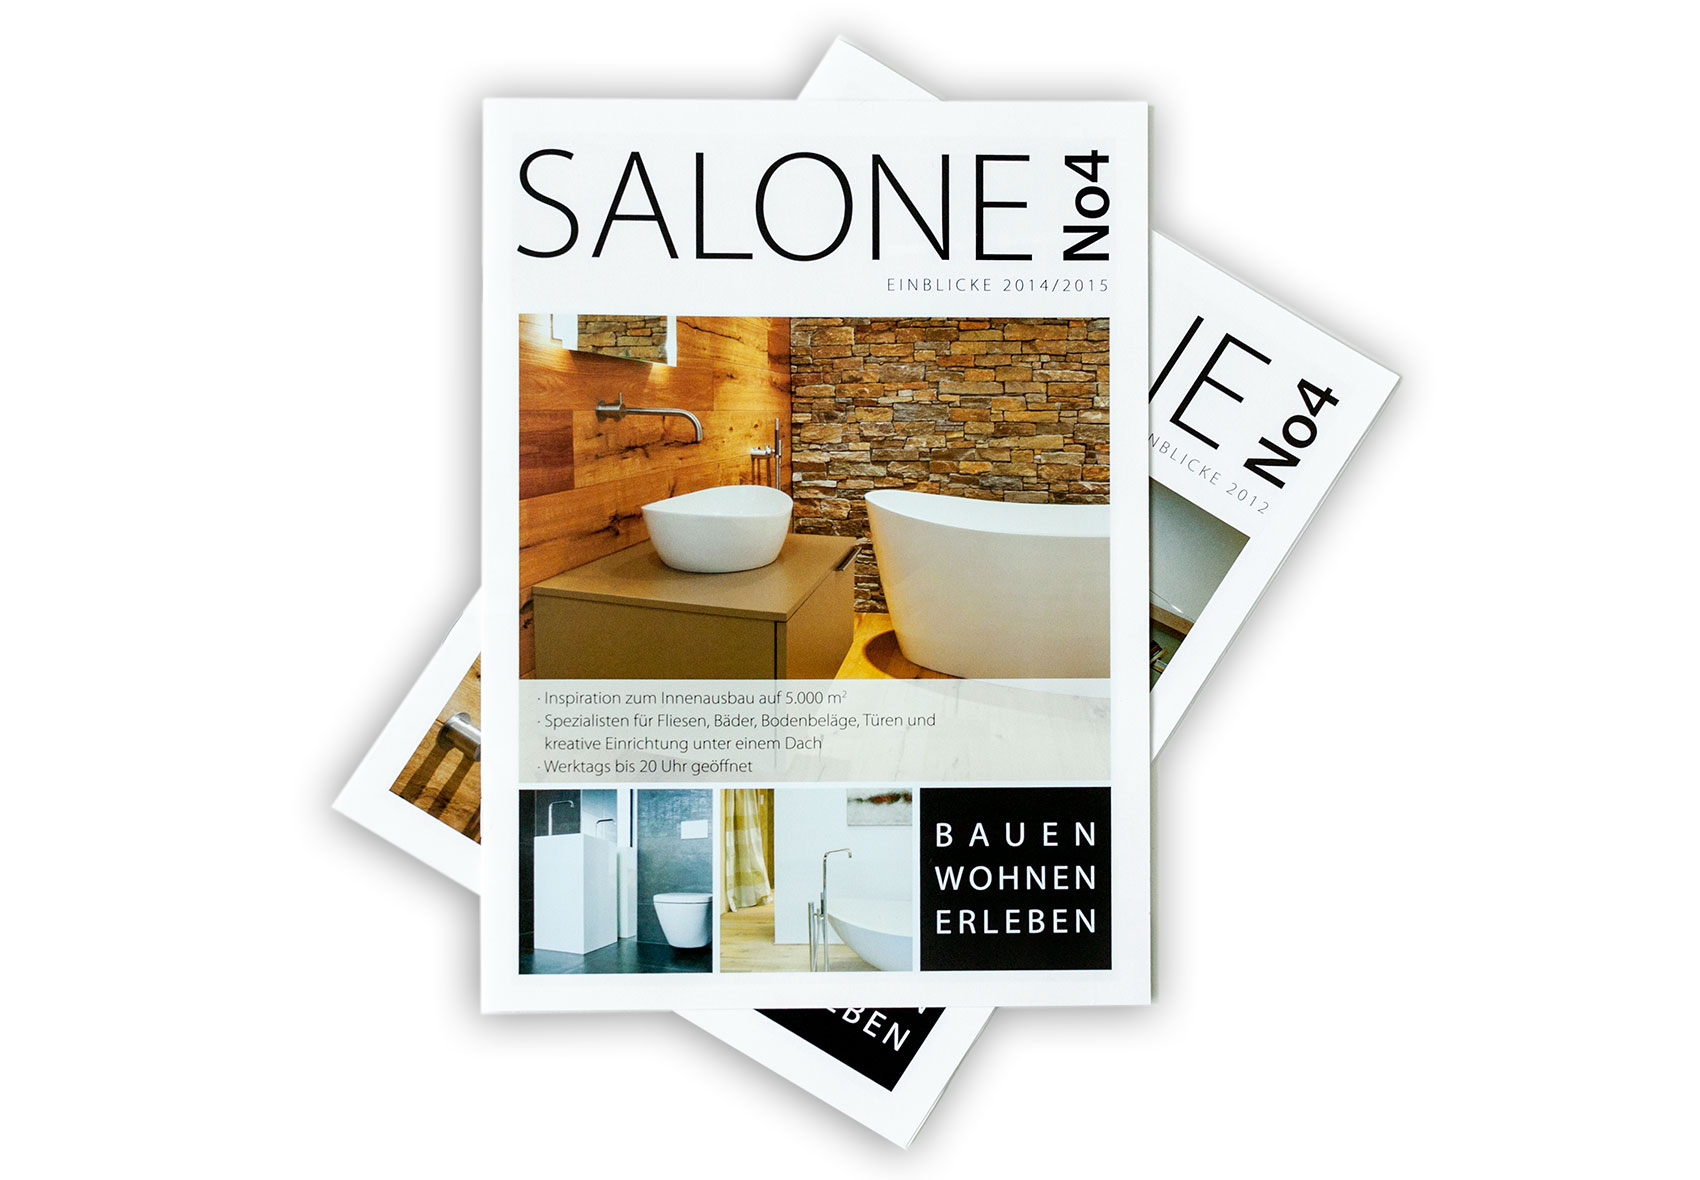 Titelseite der Imagebroschüre von Salone No4; dem Kompetenzzentrum für Wohnen und Bauen